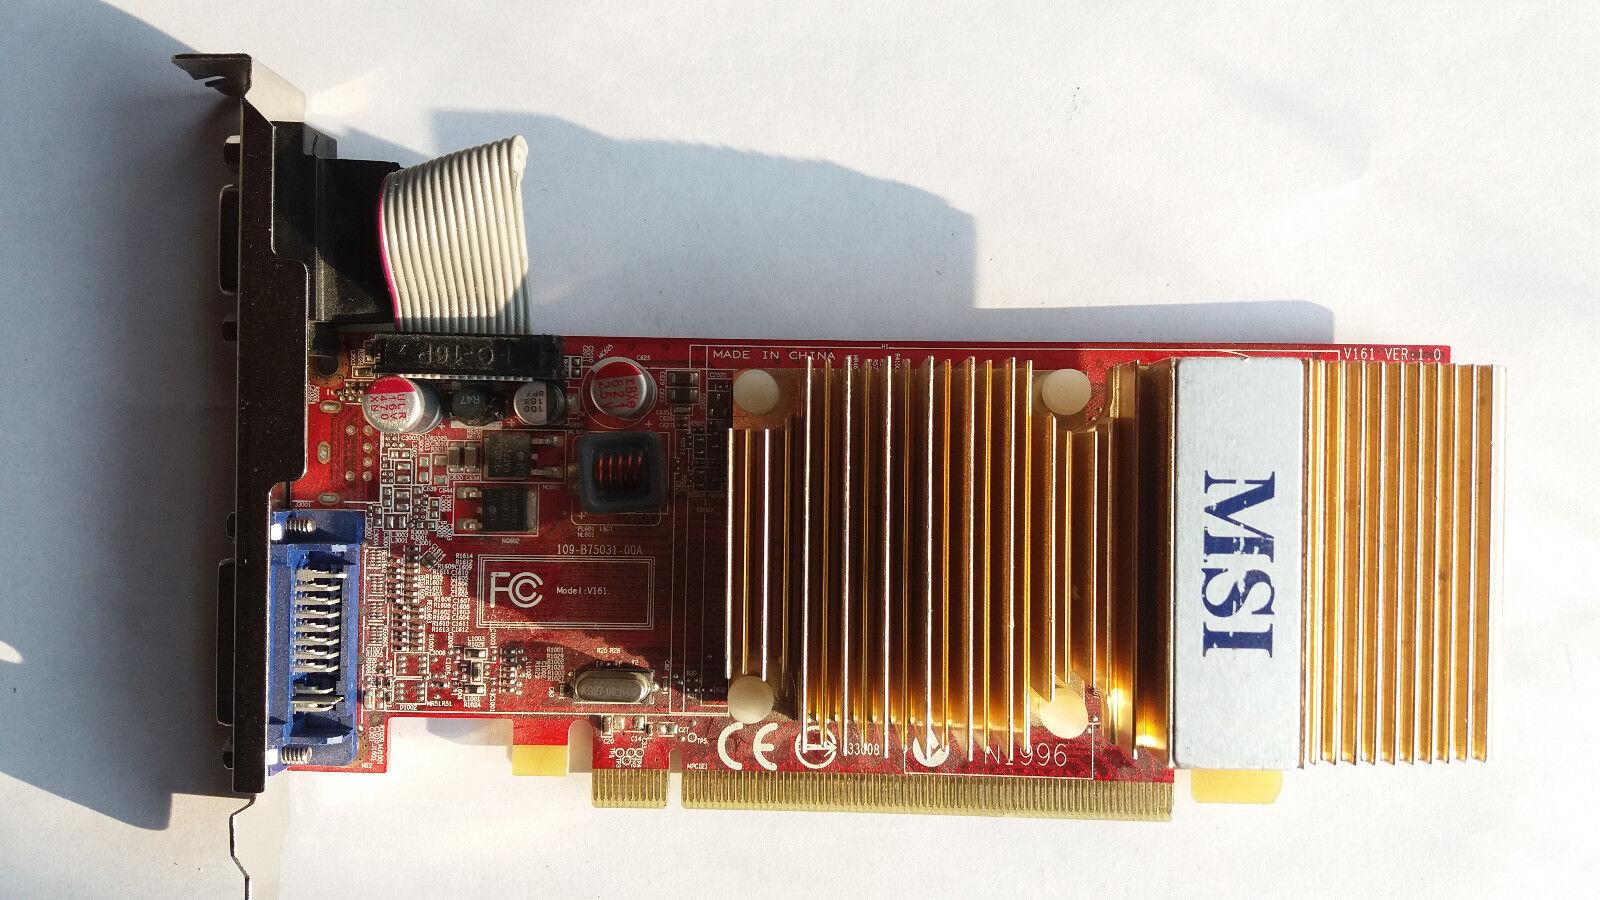 MSI ATI Radeon 4350 256 MB, R4350-D256H, PCI-E VGA D-SUB DVI-I V161 VER: 1.0